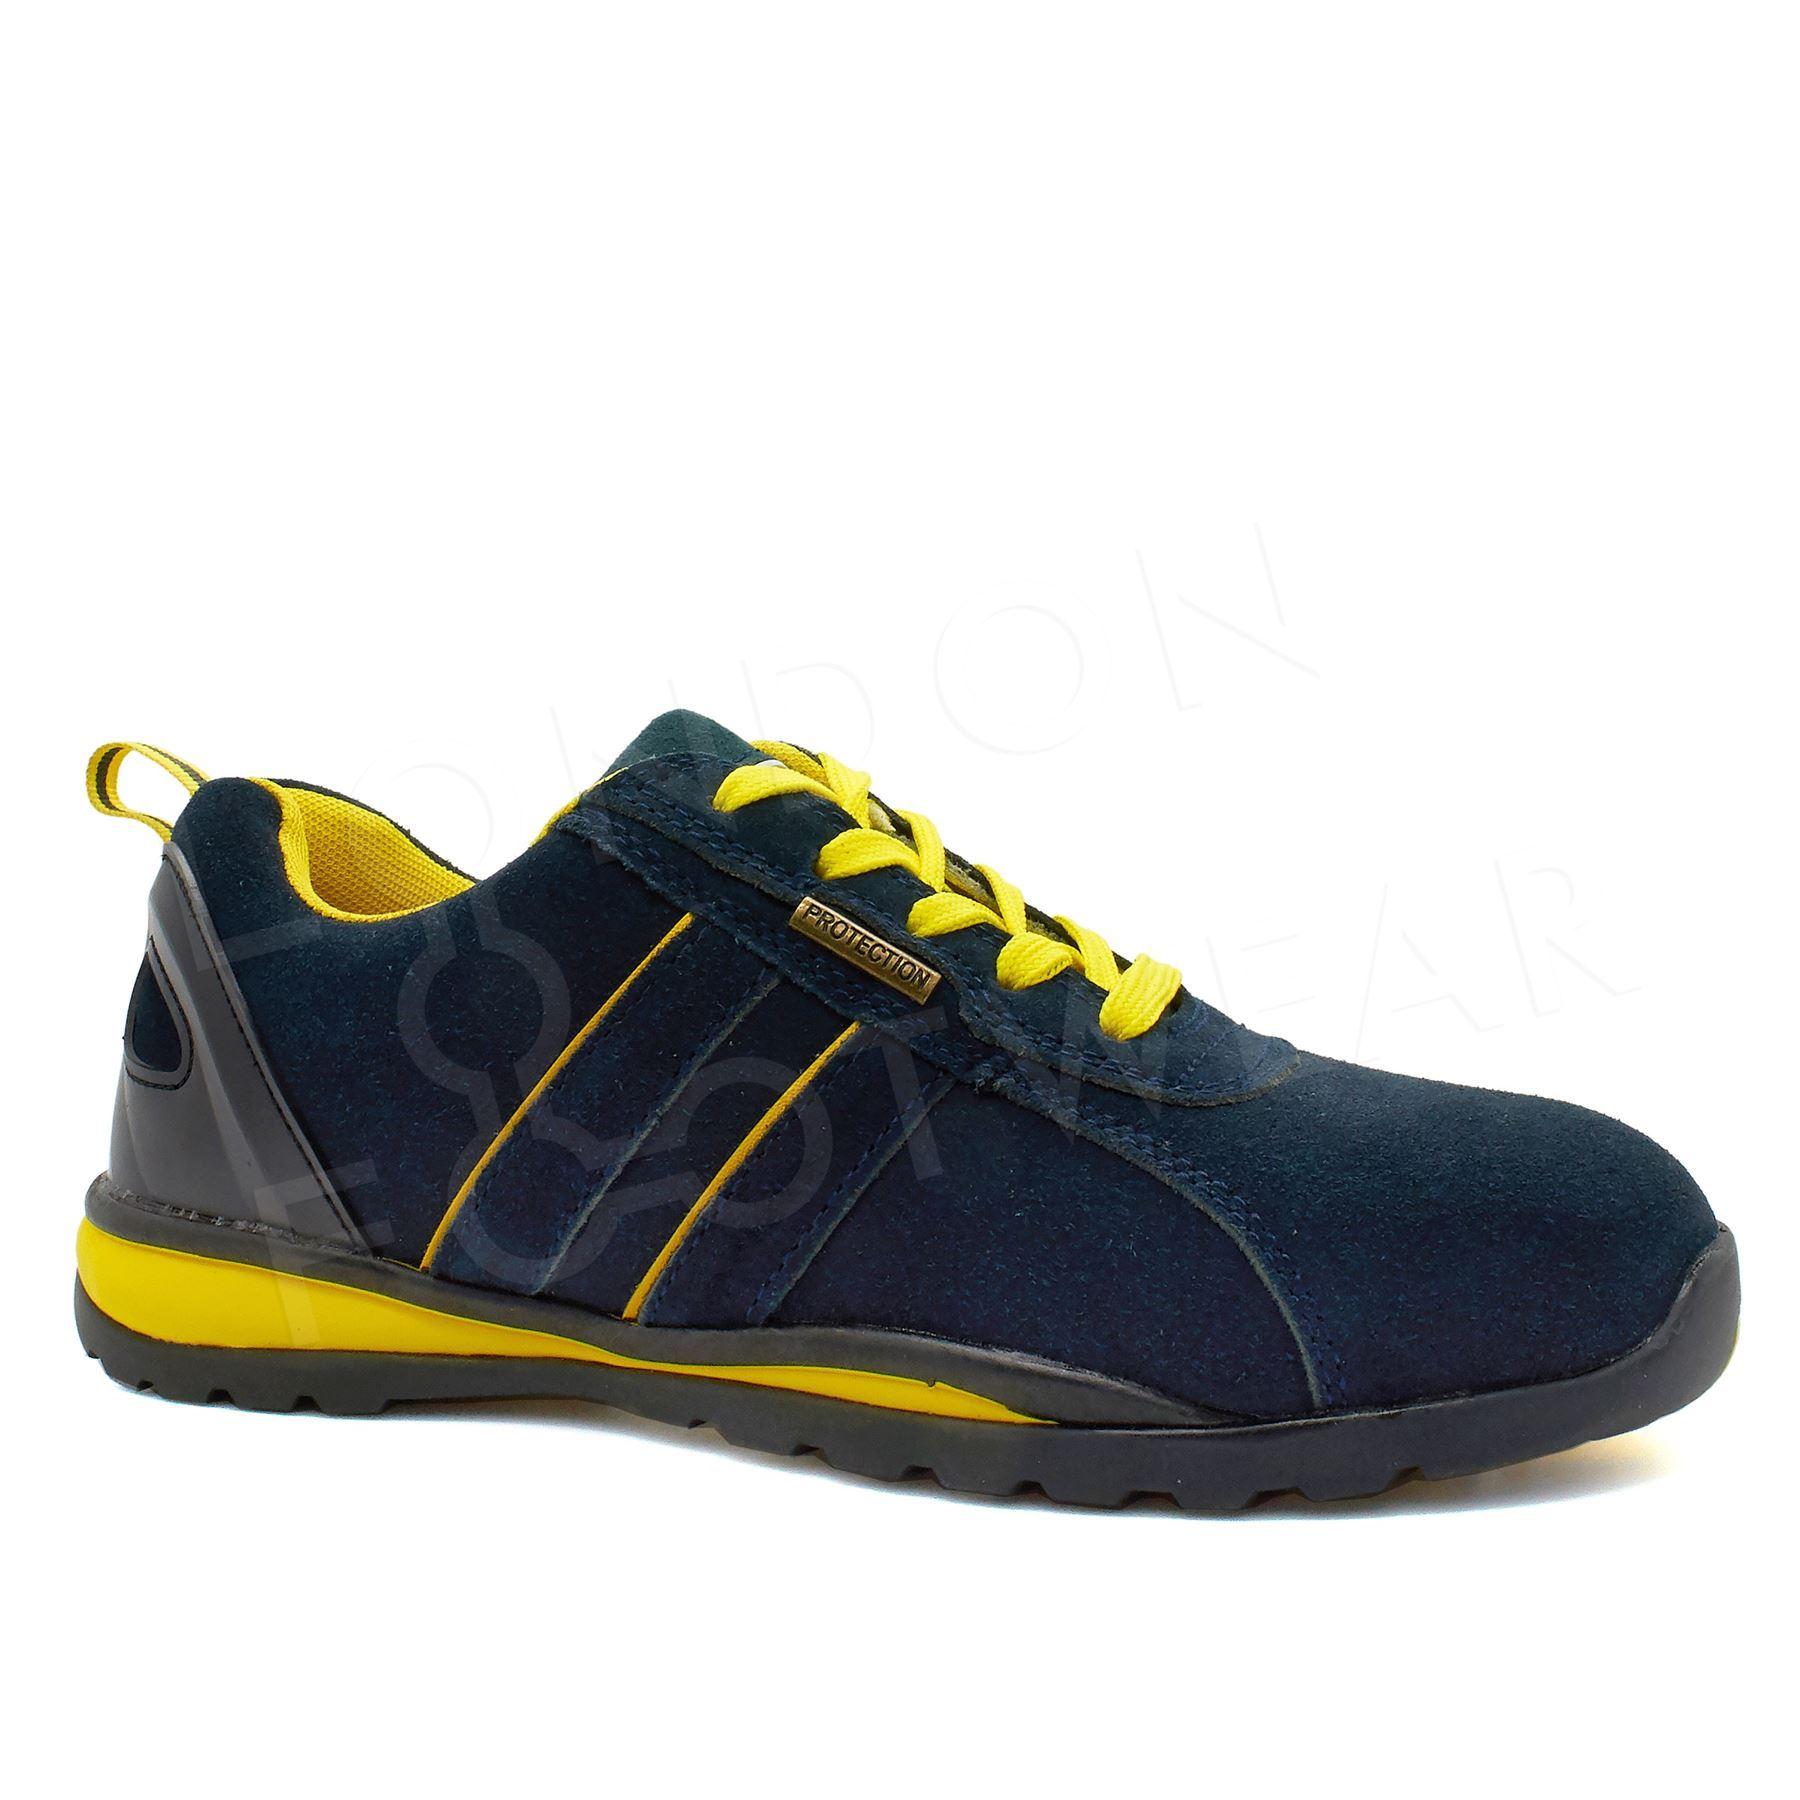 Lightweight Steel Toe Shoes For Women Amazon